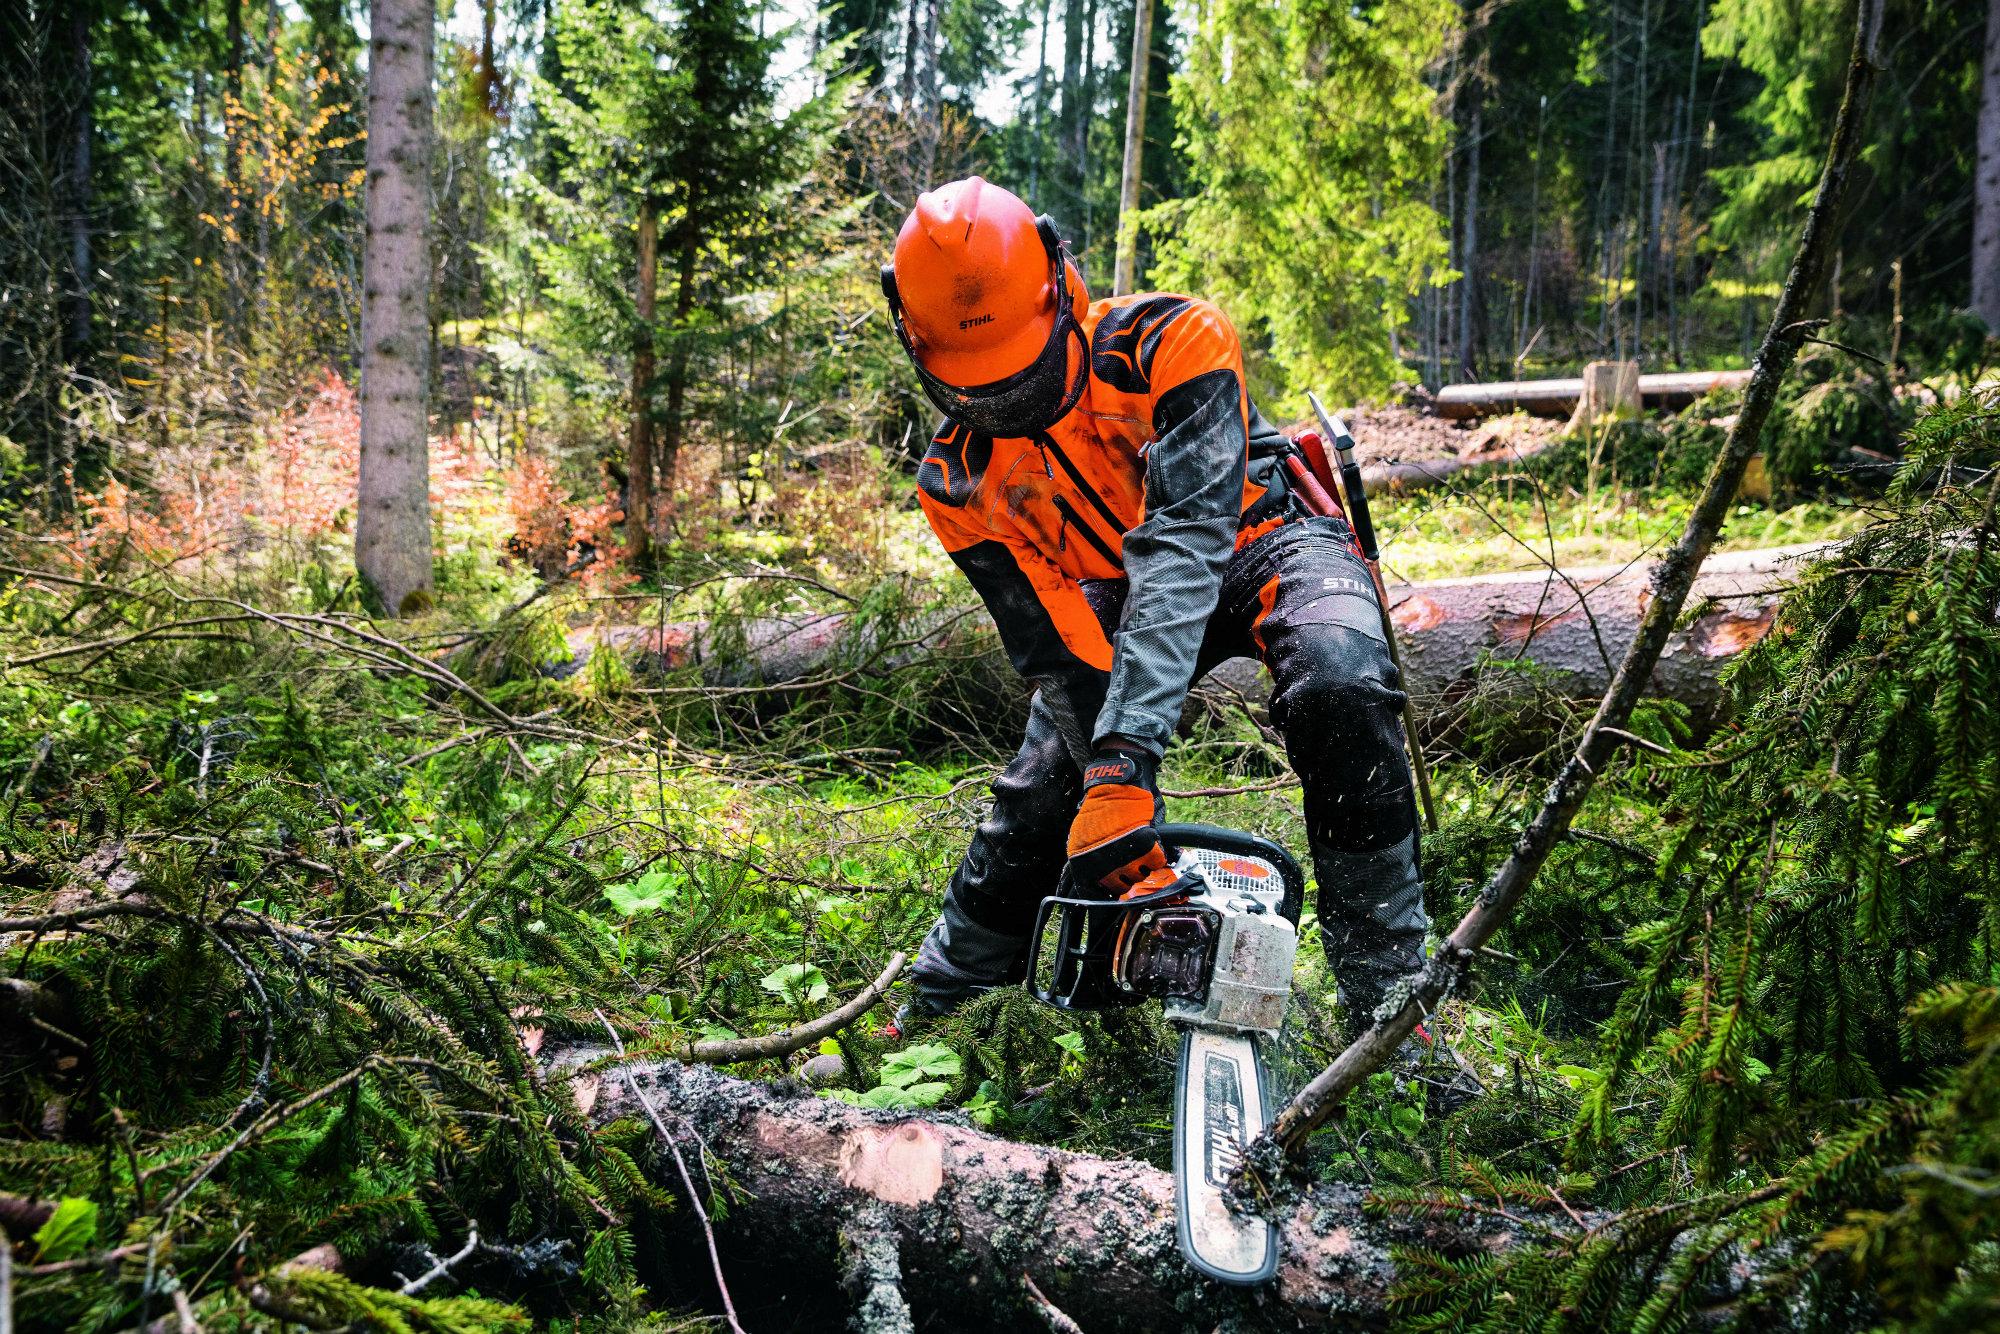 Stihl maquinaria forestal